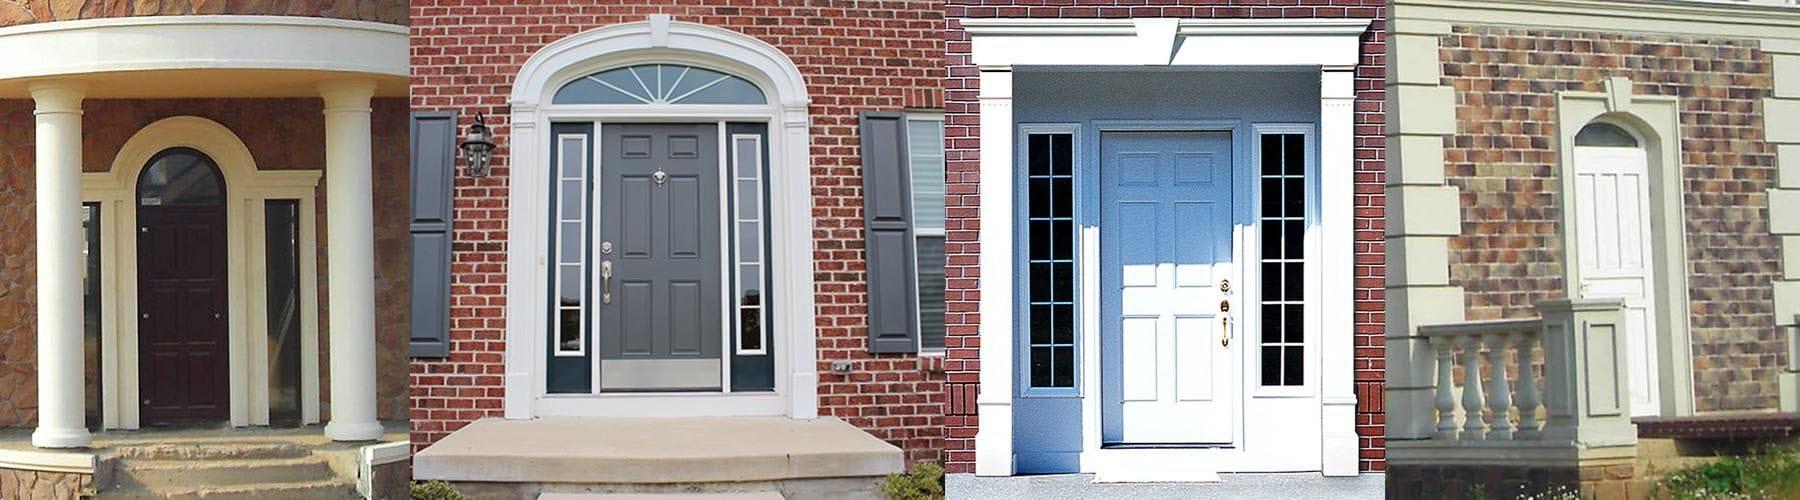 Cornice per porte e portali d 39 ingresso by eleni - Cornici per finestre esterne prezzi ...